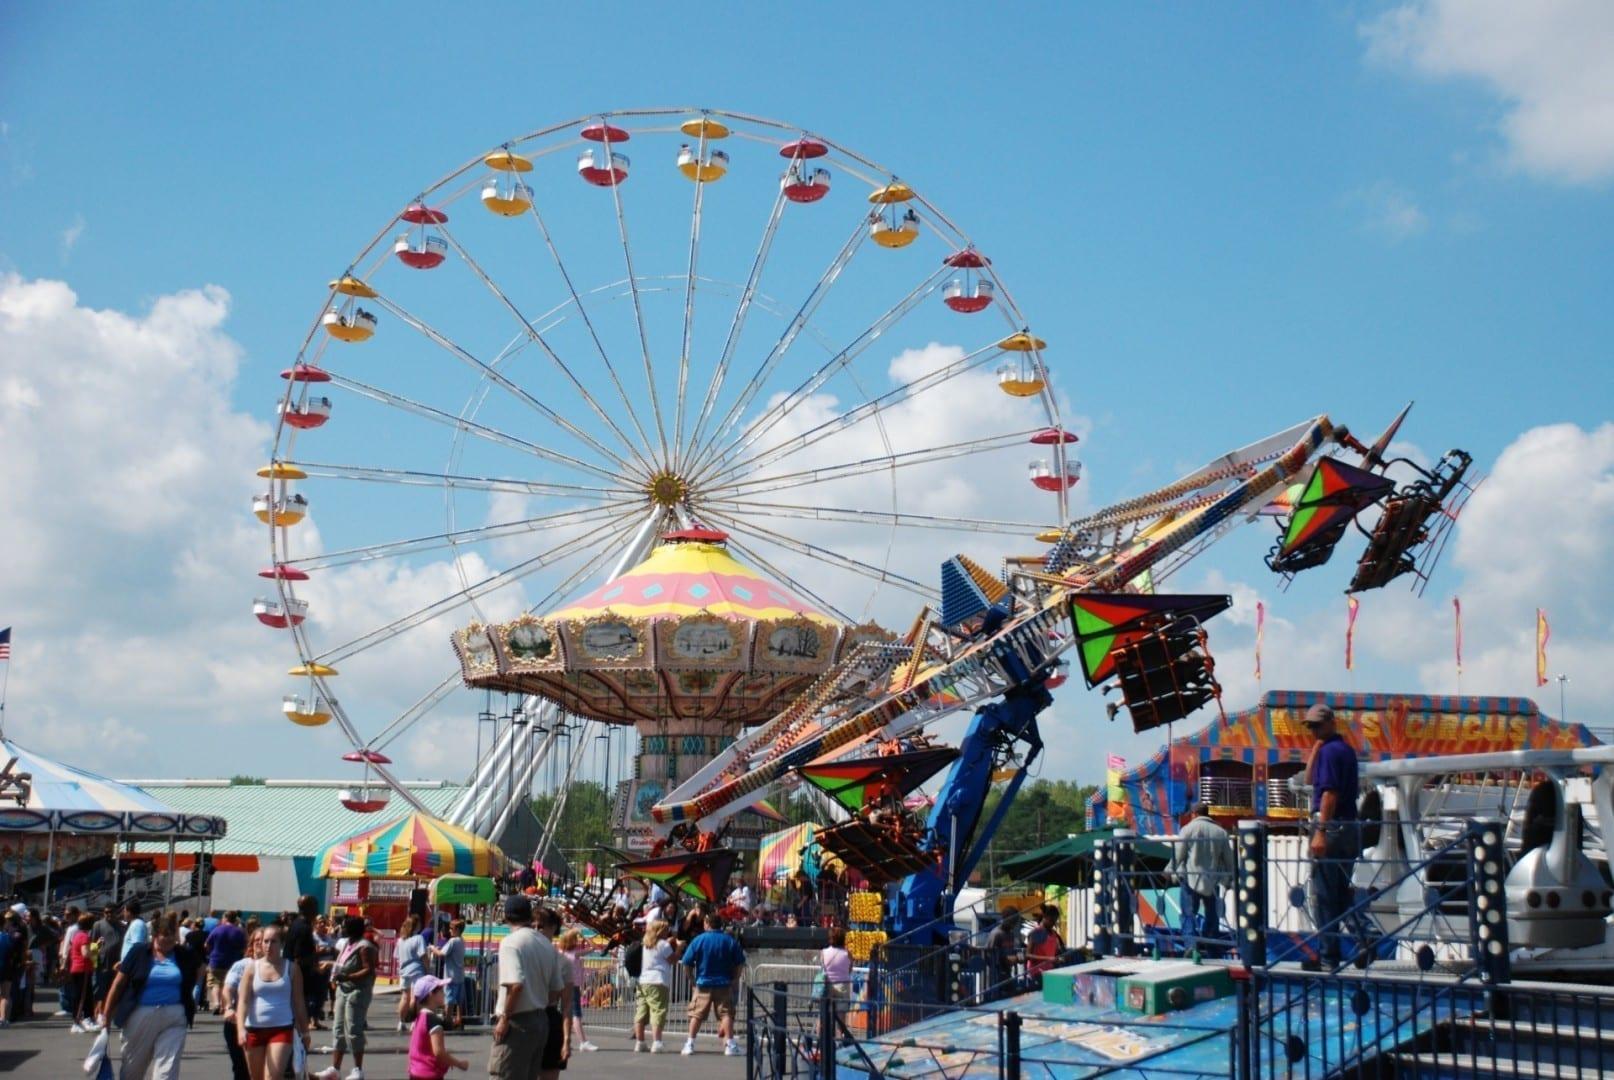 A mitad de camino en la Feria Syracuse NY Estados Unidos